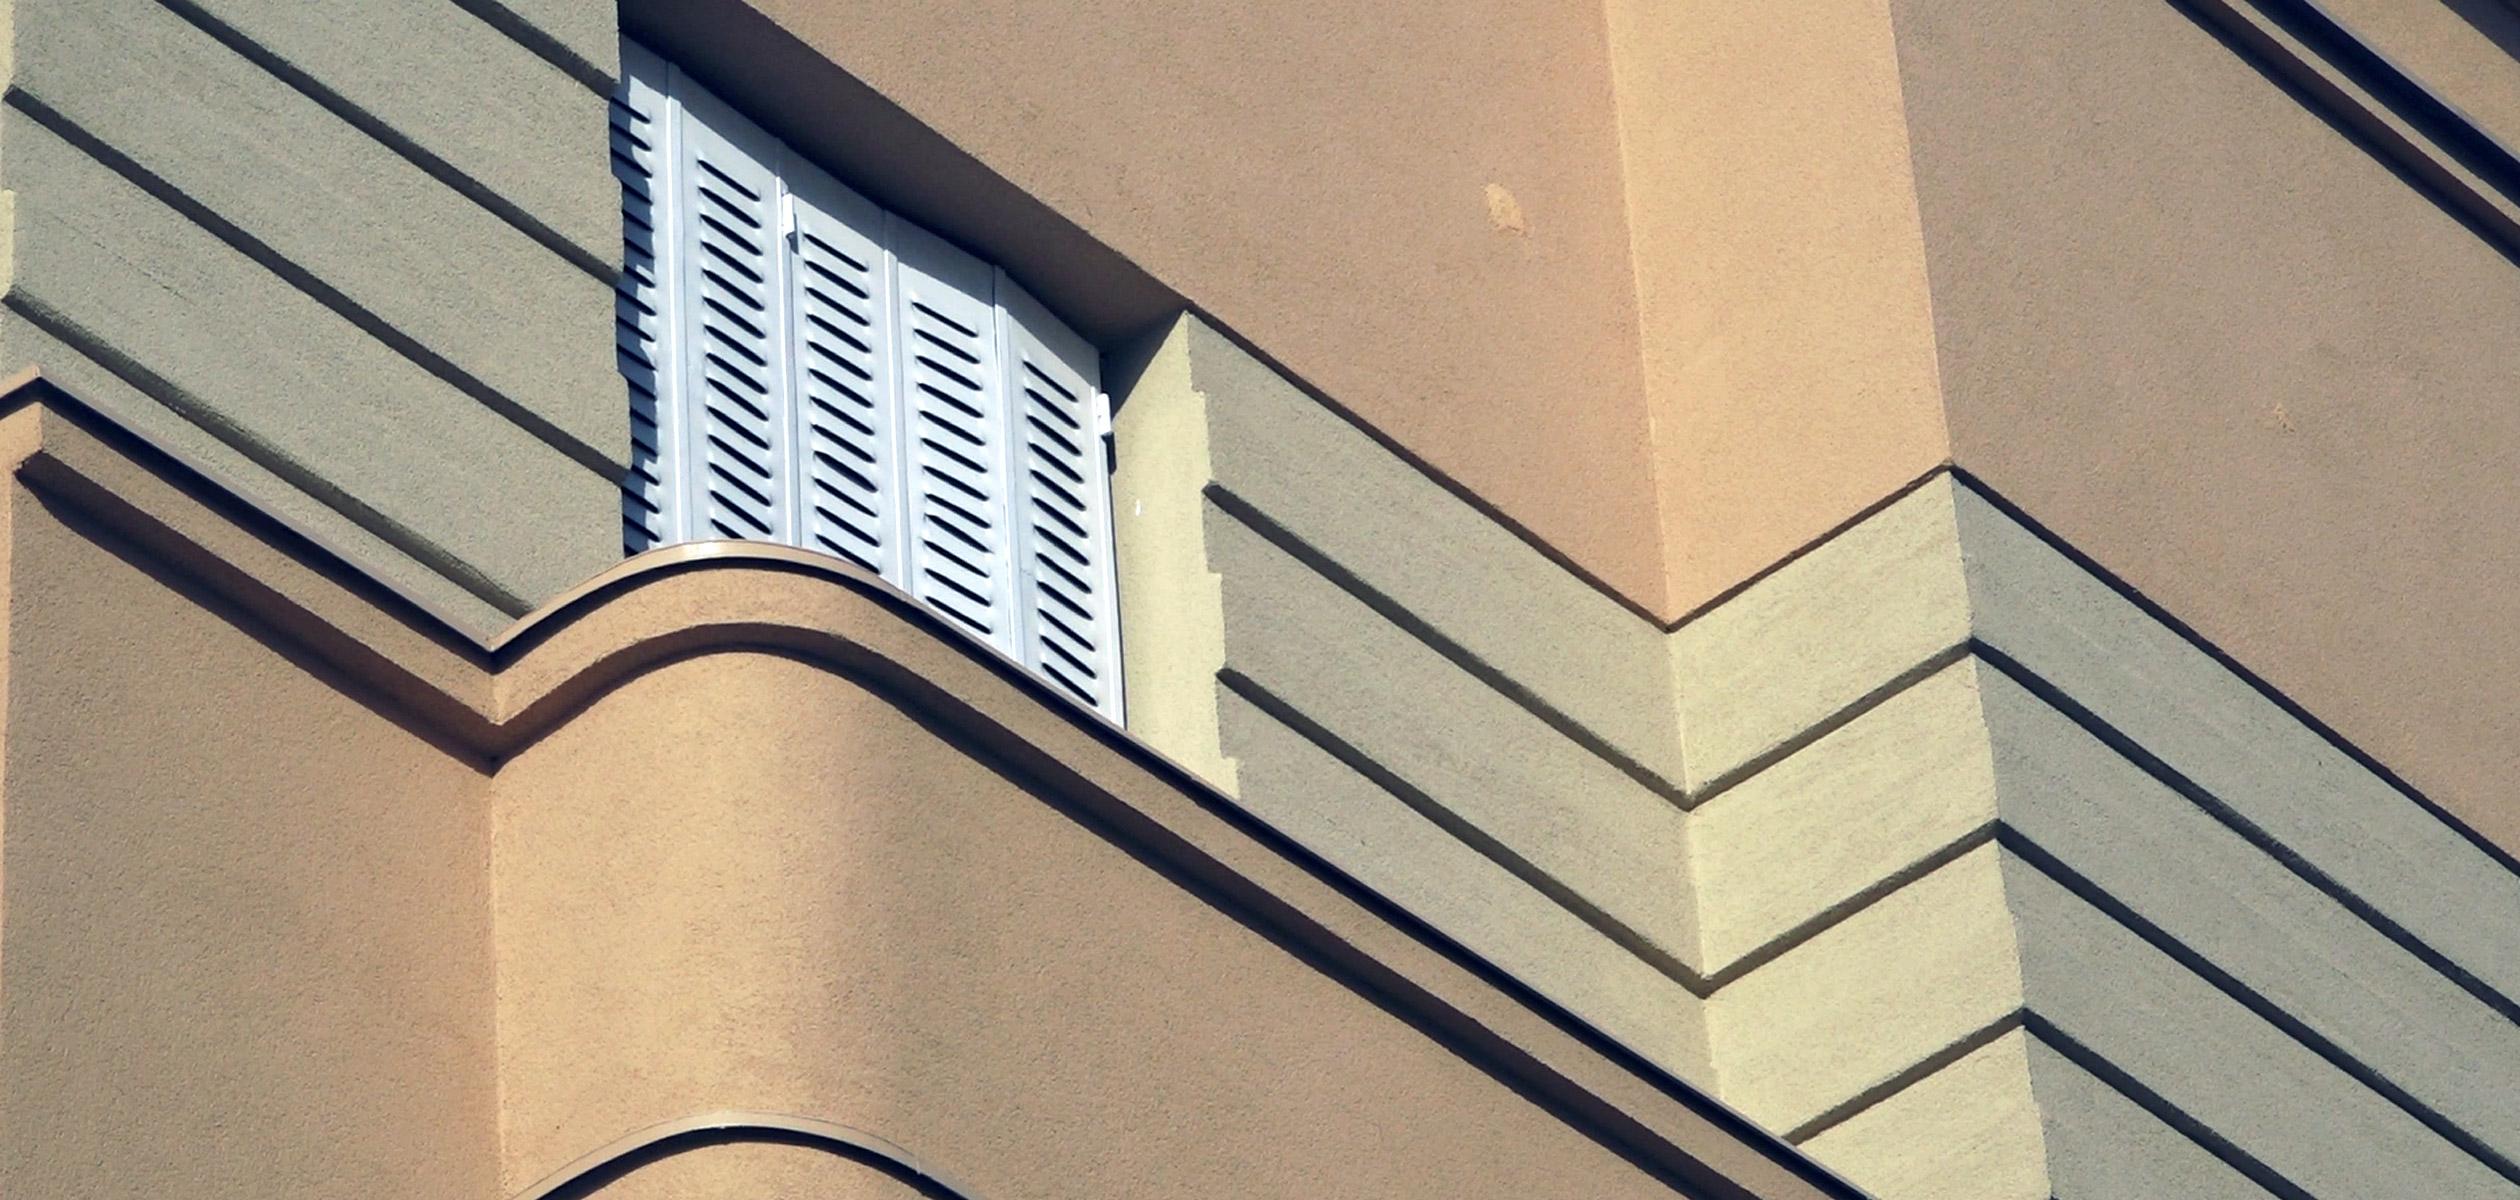 uredjenje-fasada.jpg